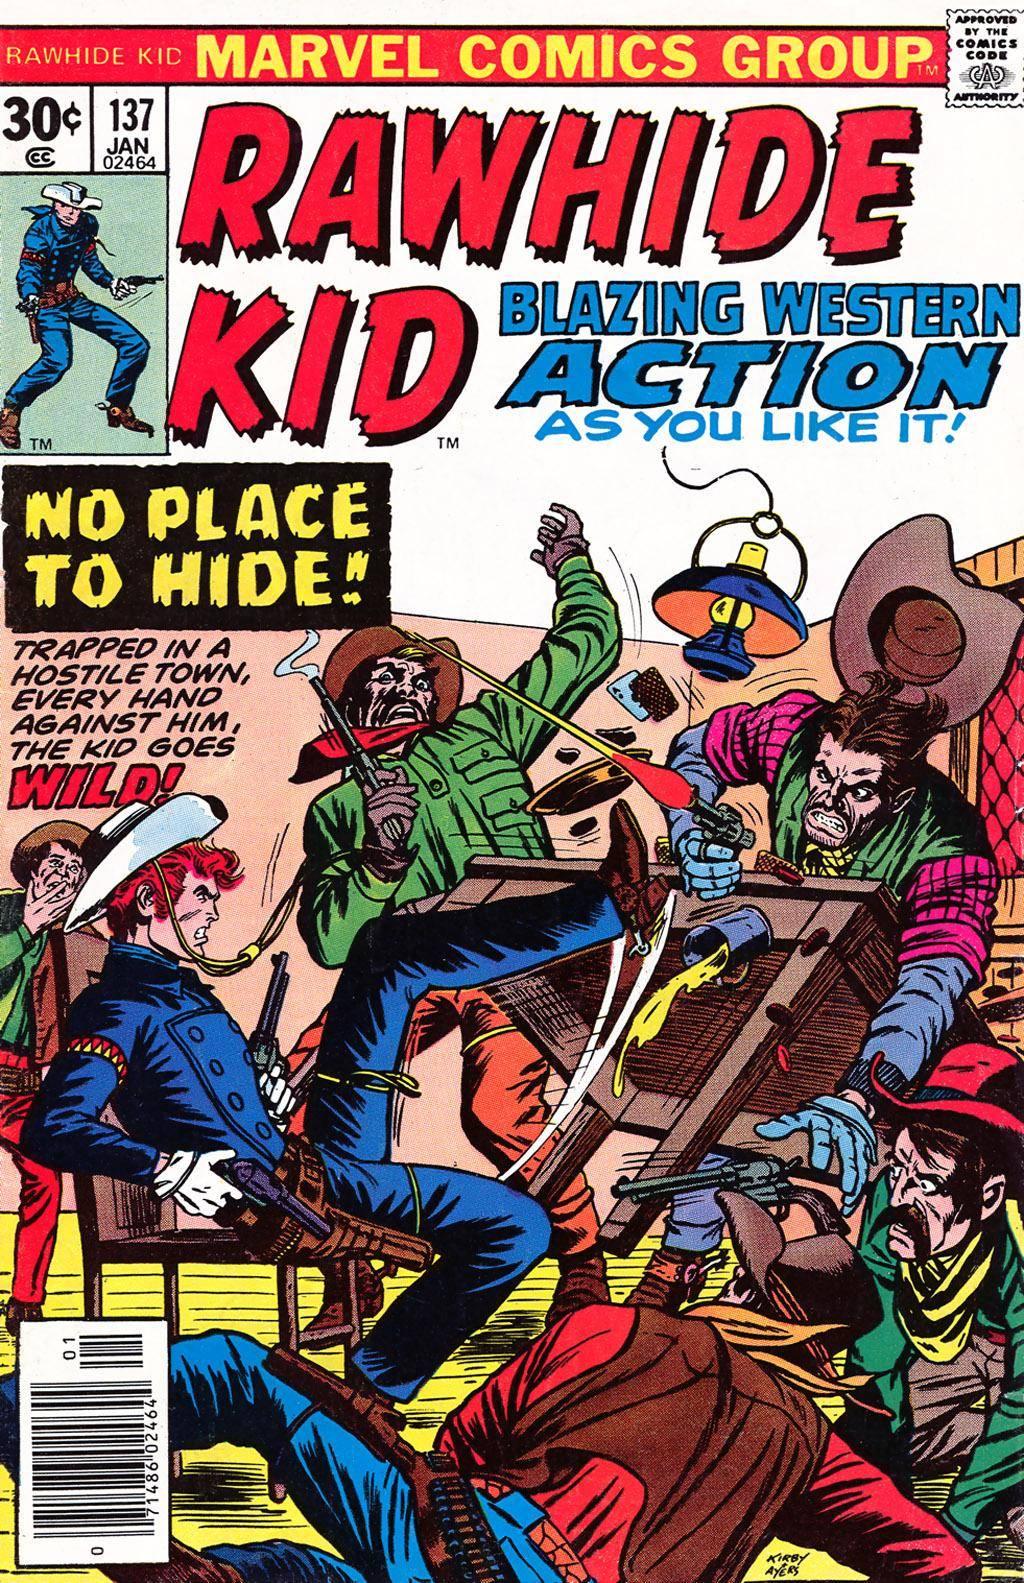 Rawhide Kid v1 137 1977 Brigus